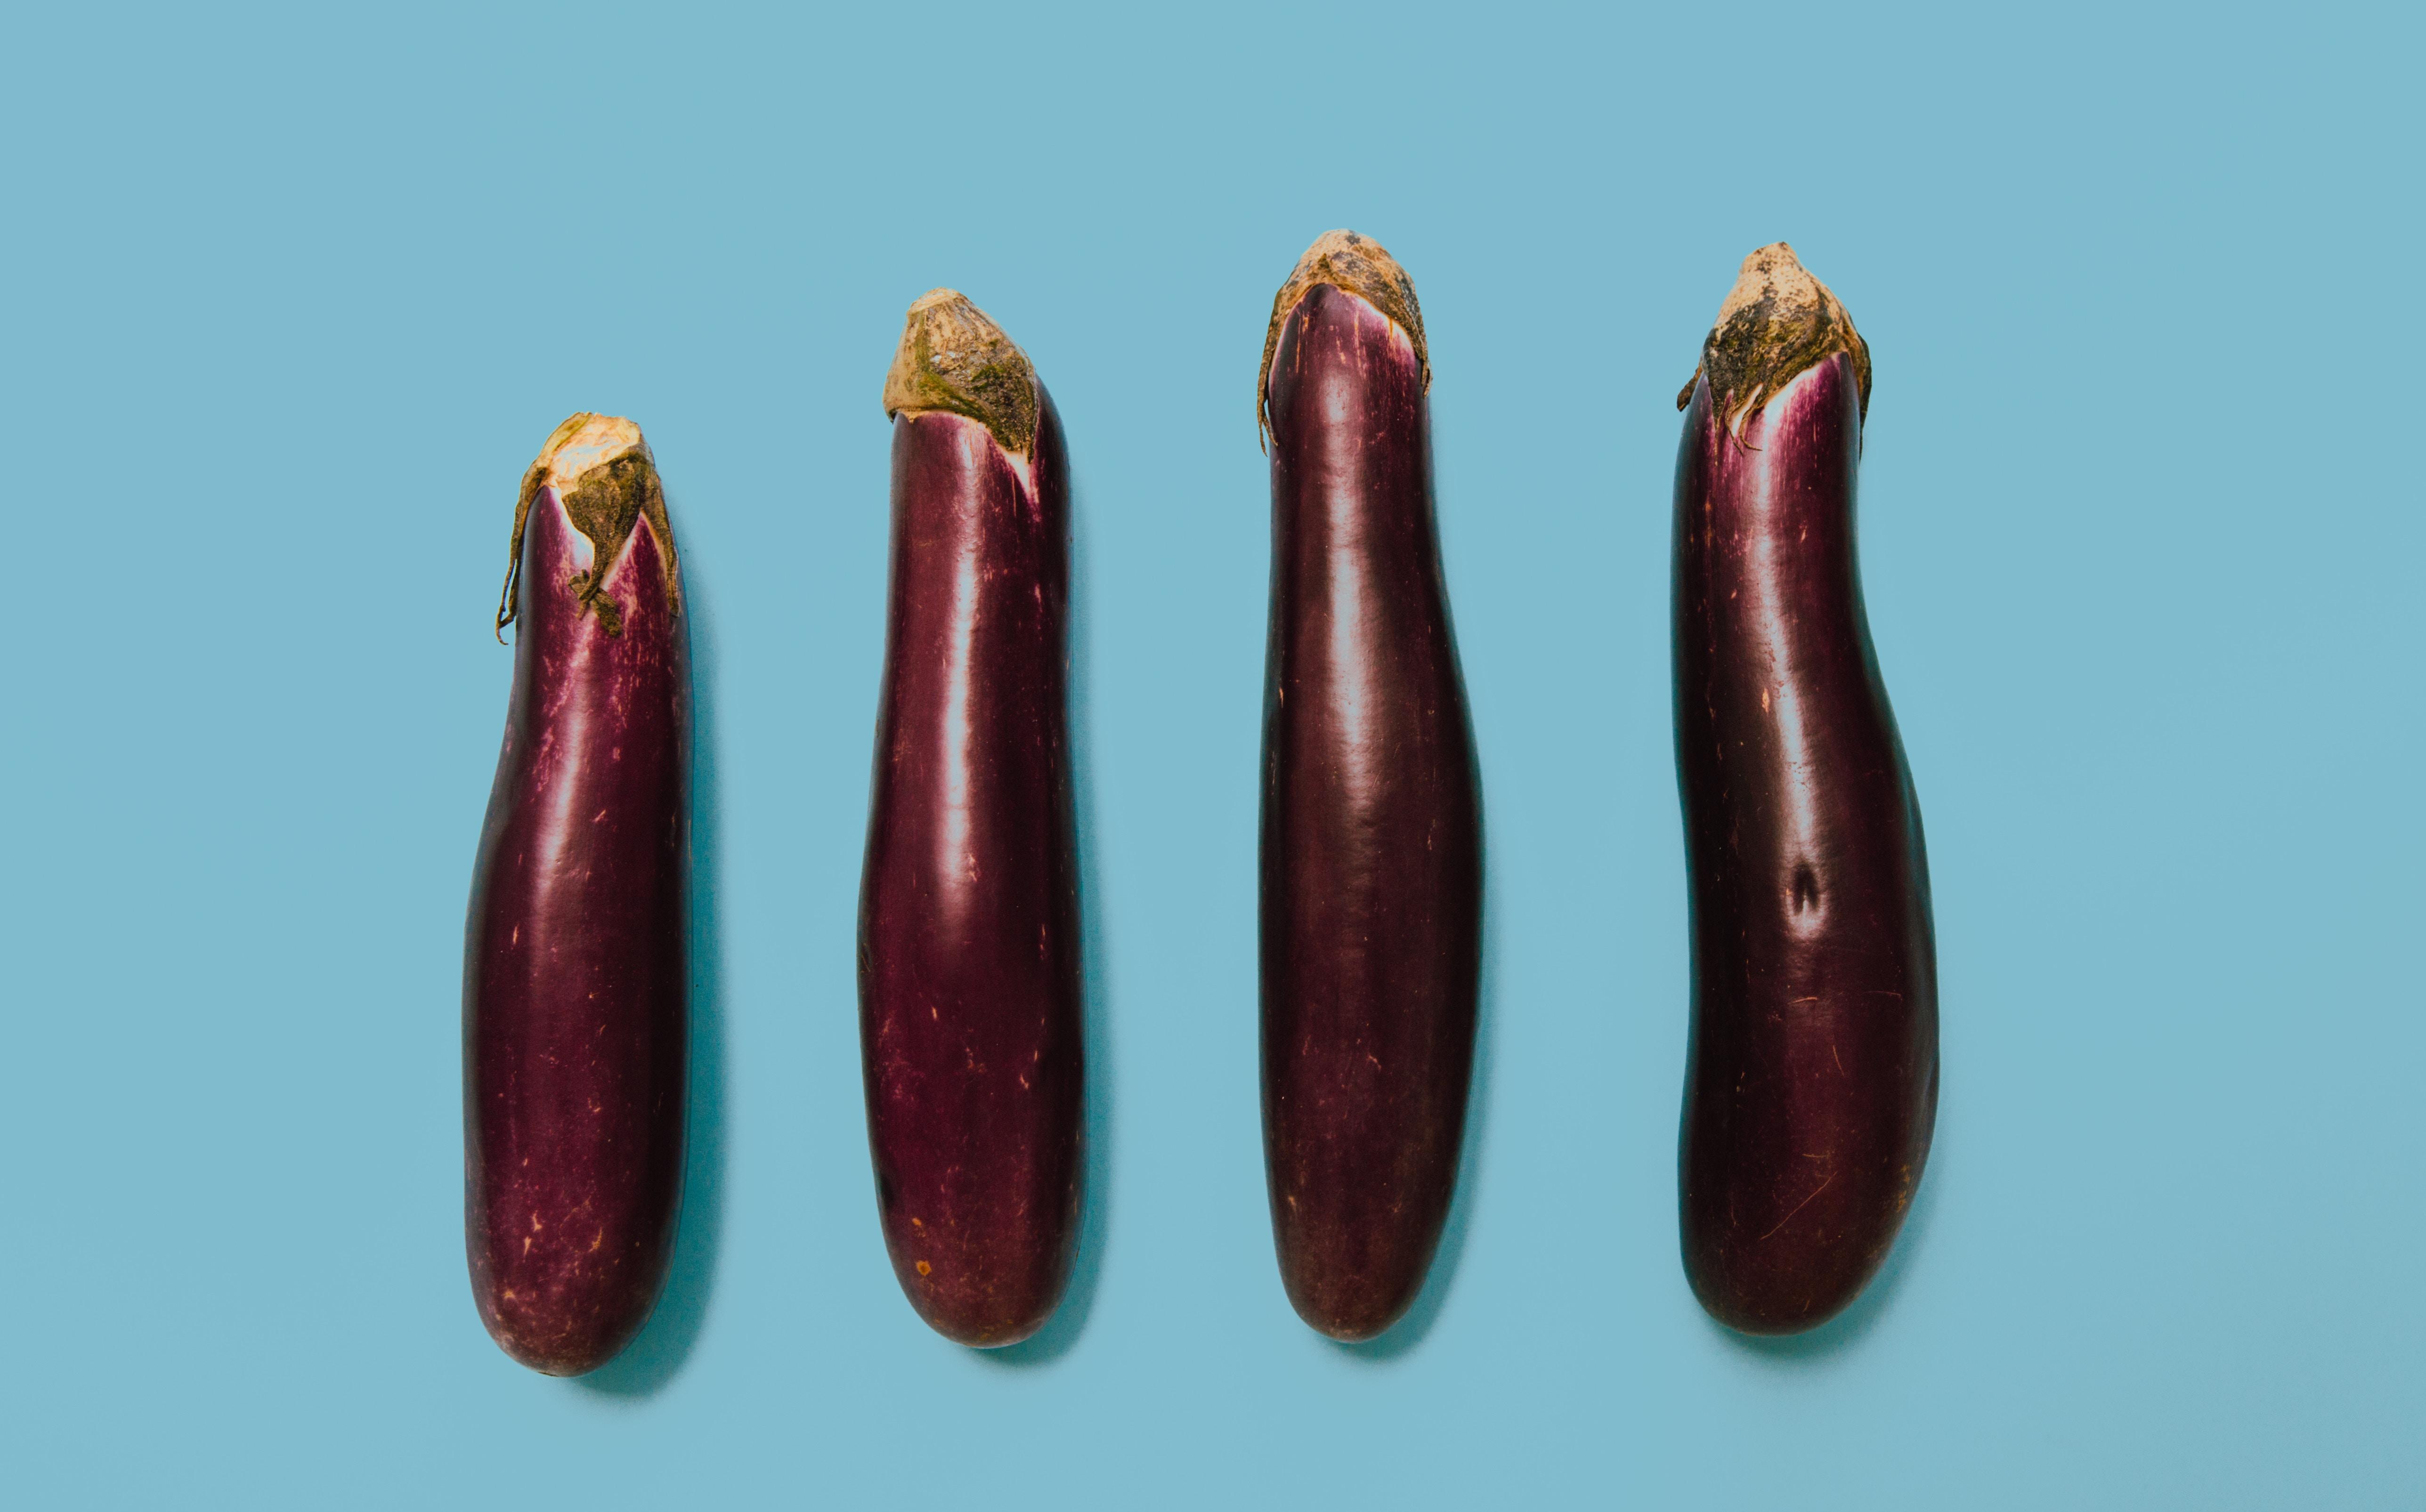 ce trebuie să mănânci pentru a crește penisul